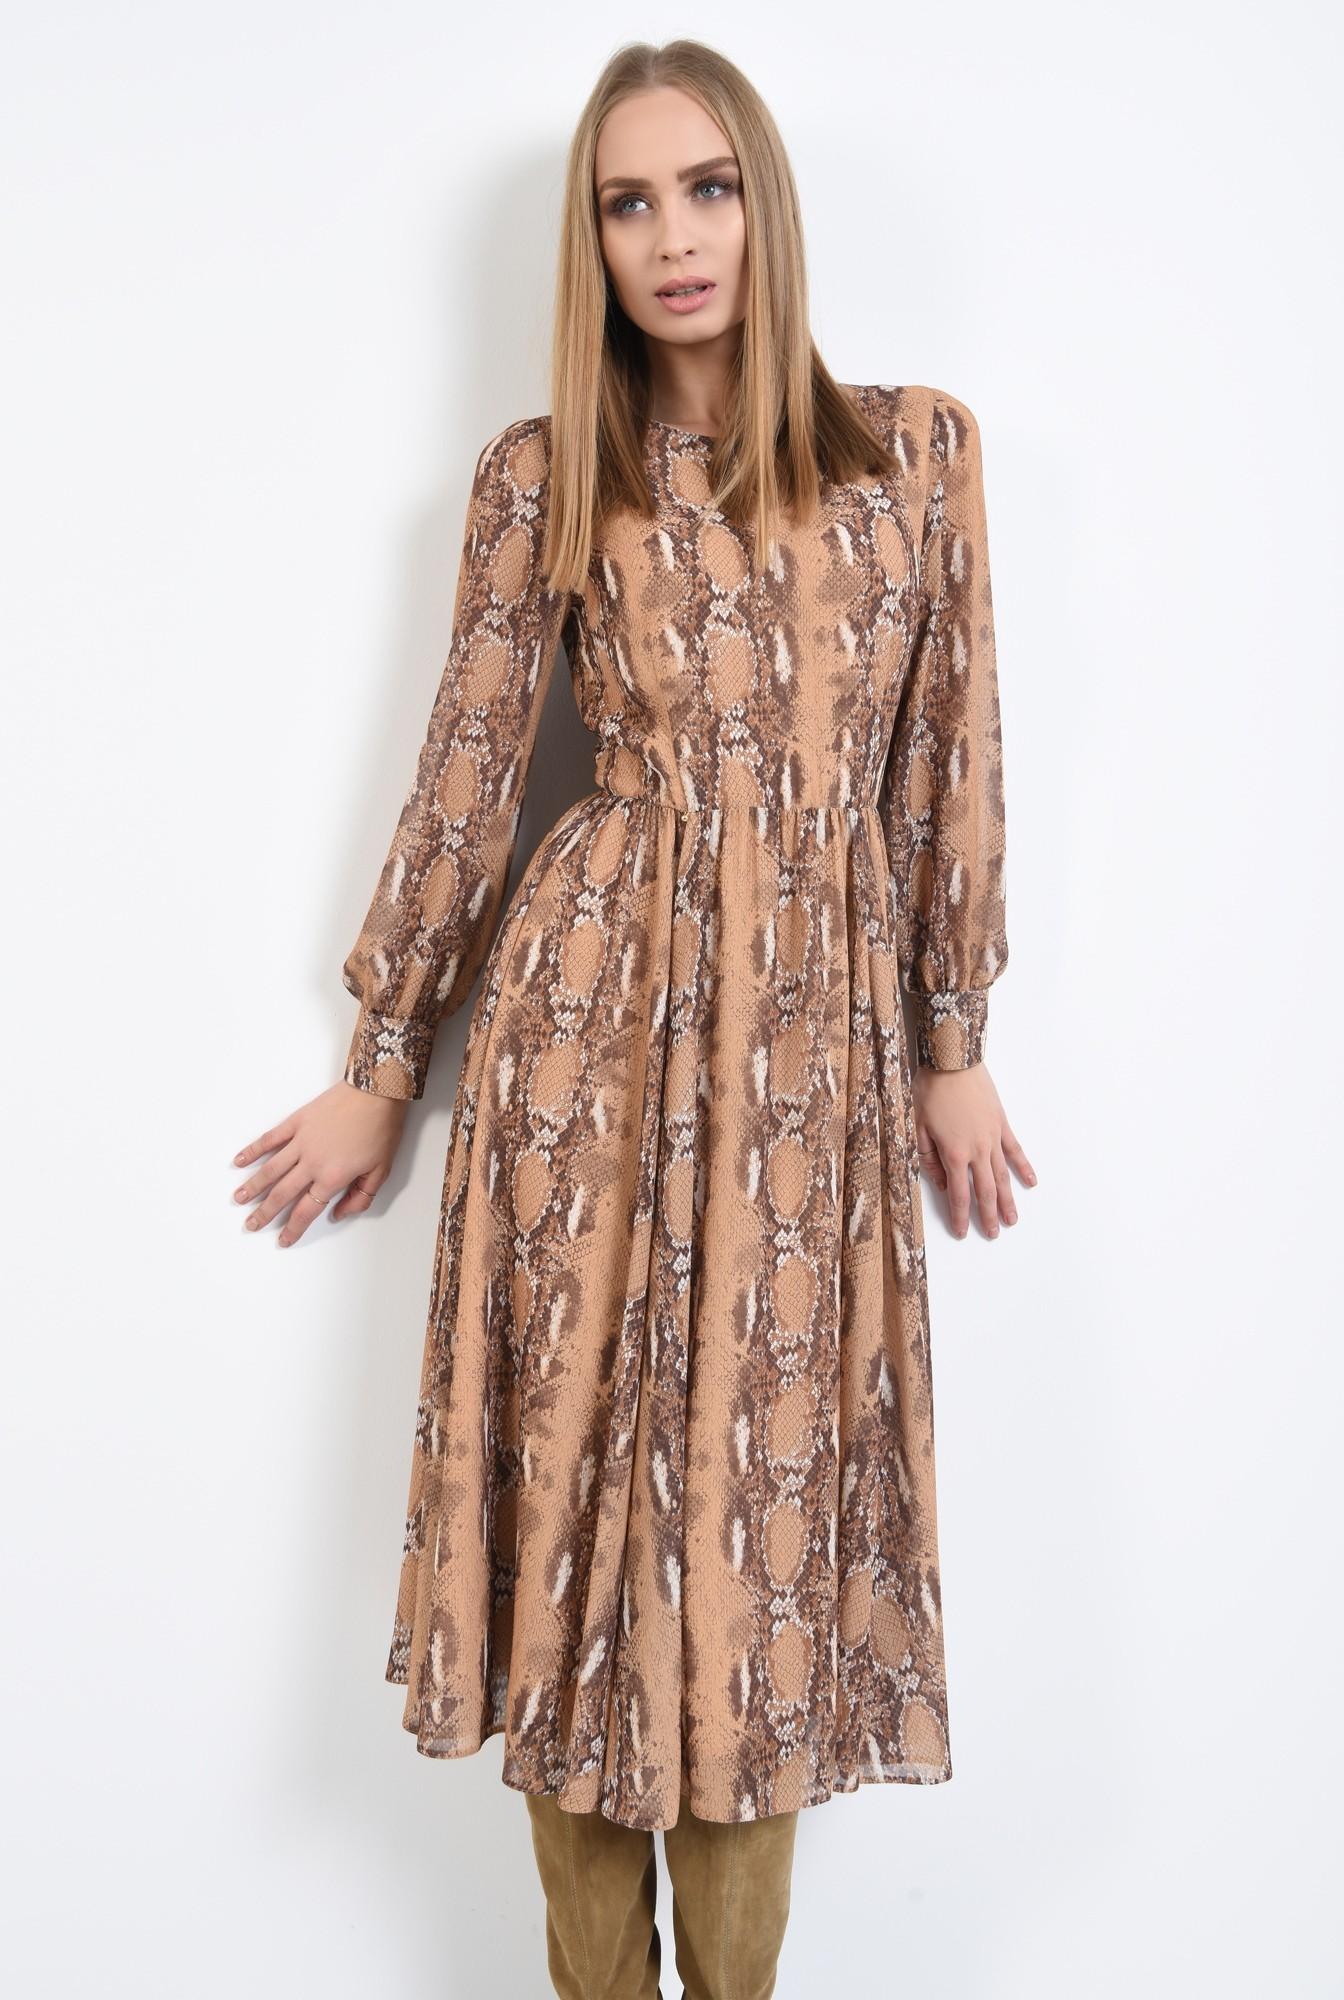 2 - rochie de zi, din voal imprimat, maneci lungi, decolteu la baza gatului